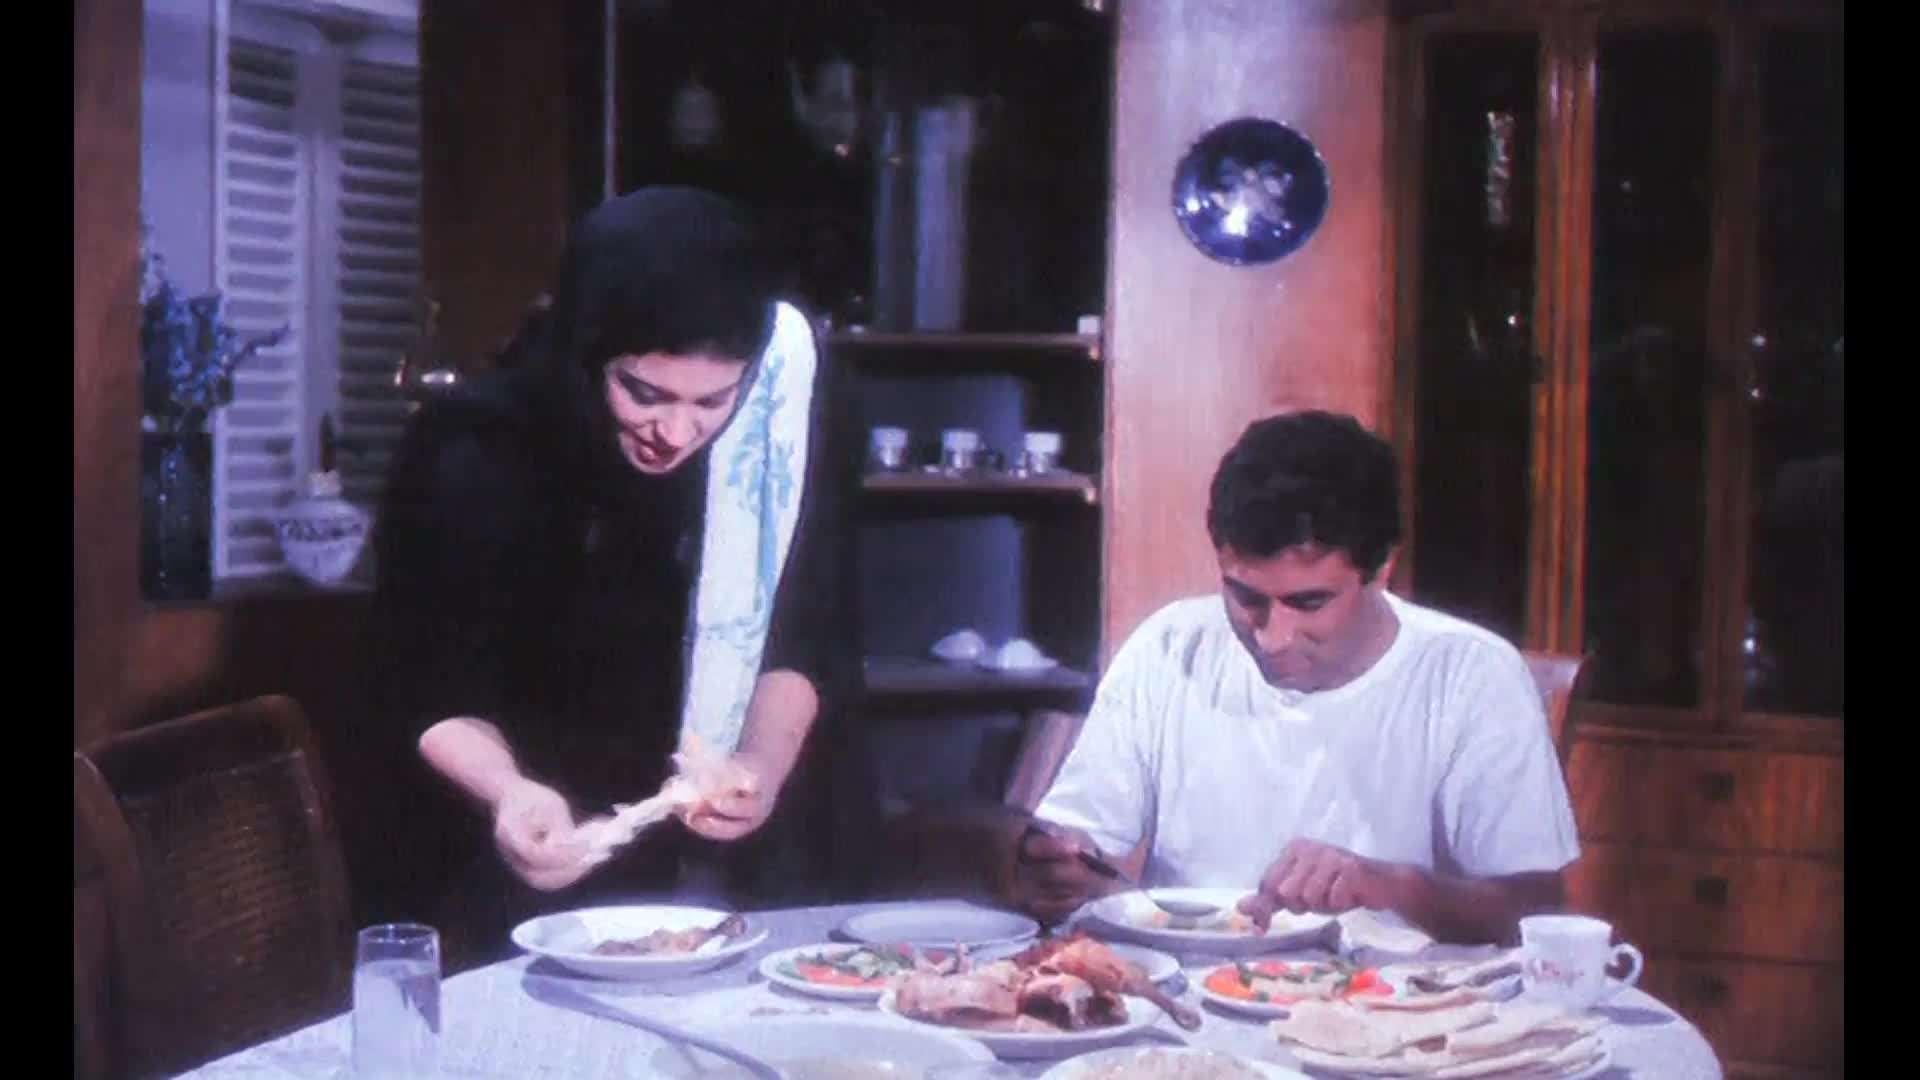 [فيلم][تورنت][تحميل][امرأة واحدة لا تكفي][1990][1080p][Web-DL] 9 arabp2p.com